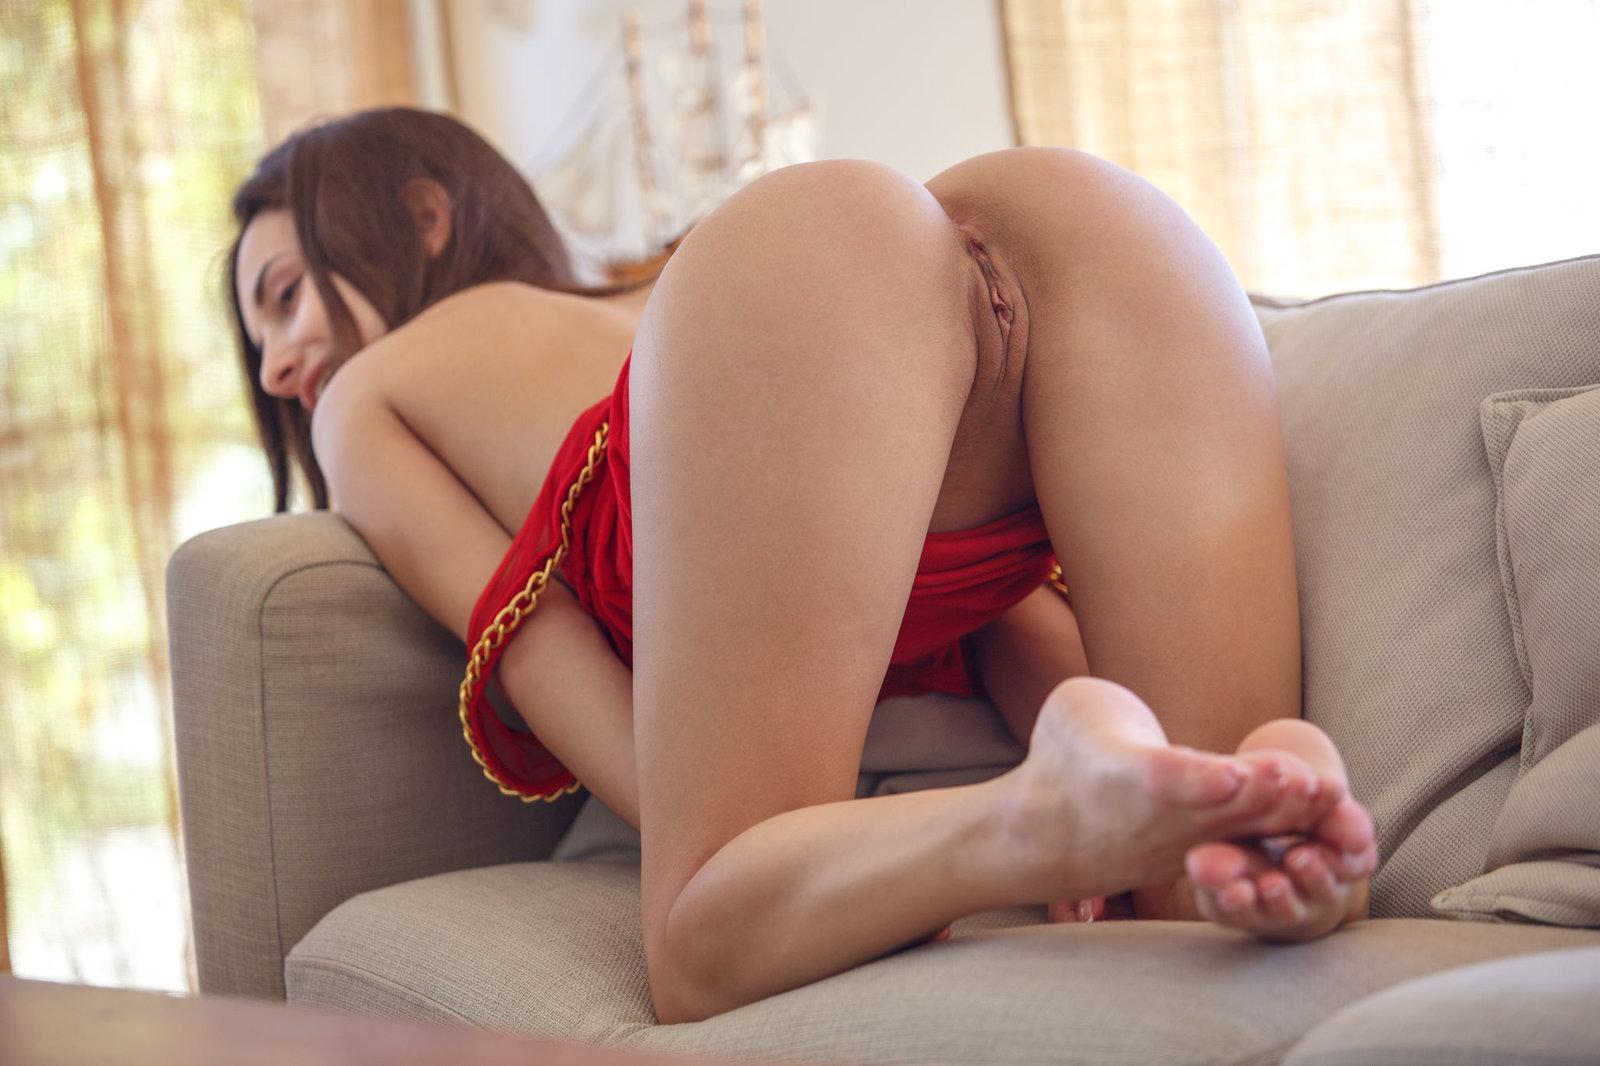 порно онлайн брюнетка красные трусики вам стоит пугаться